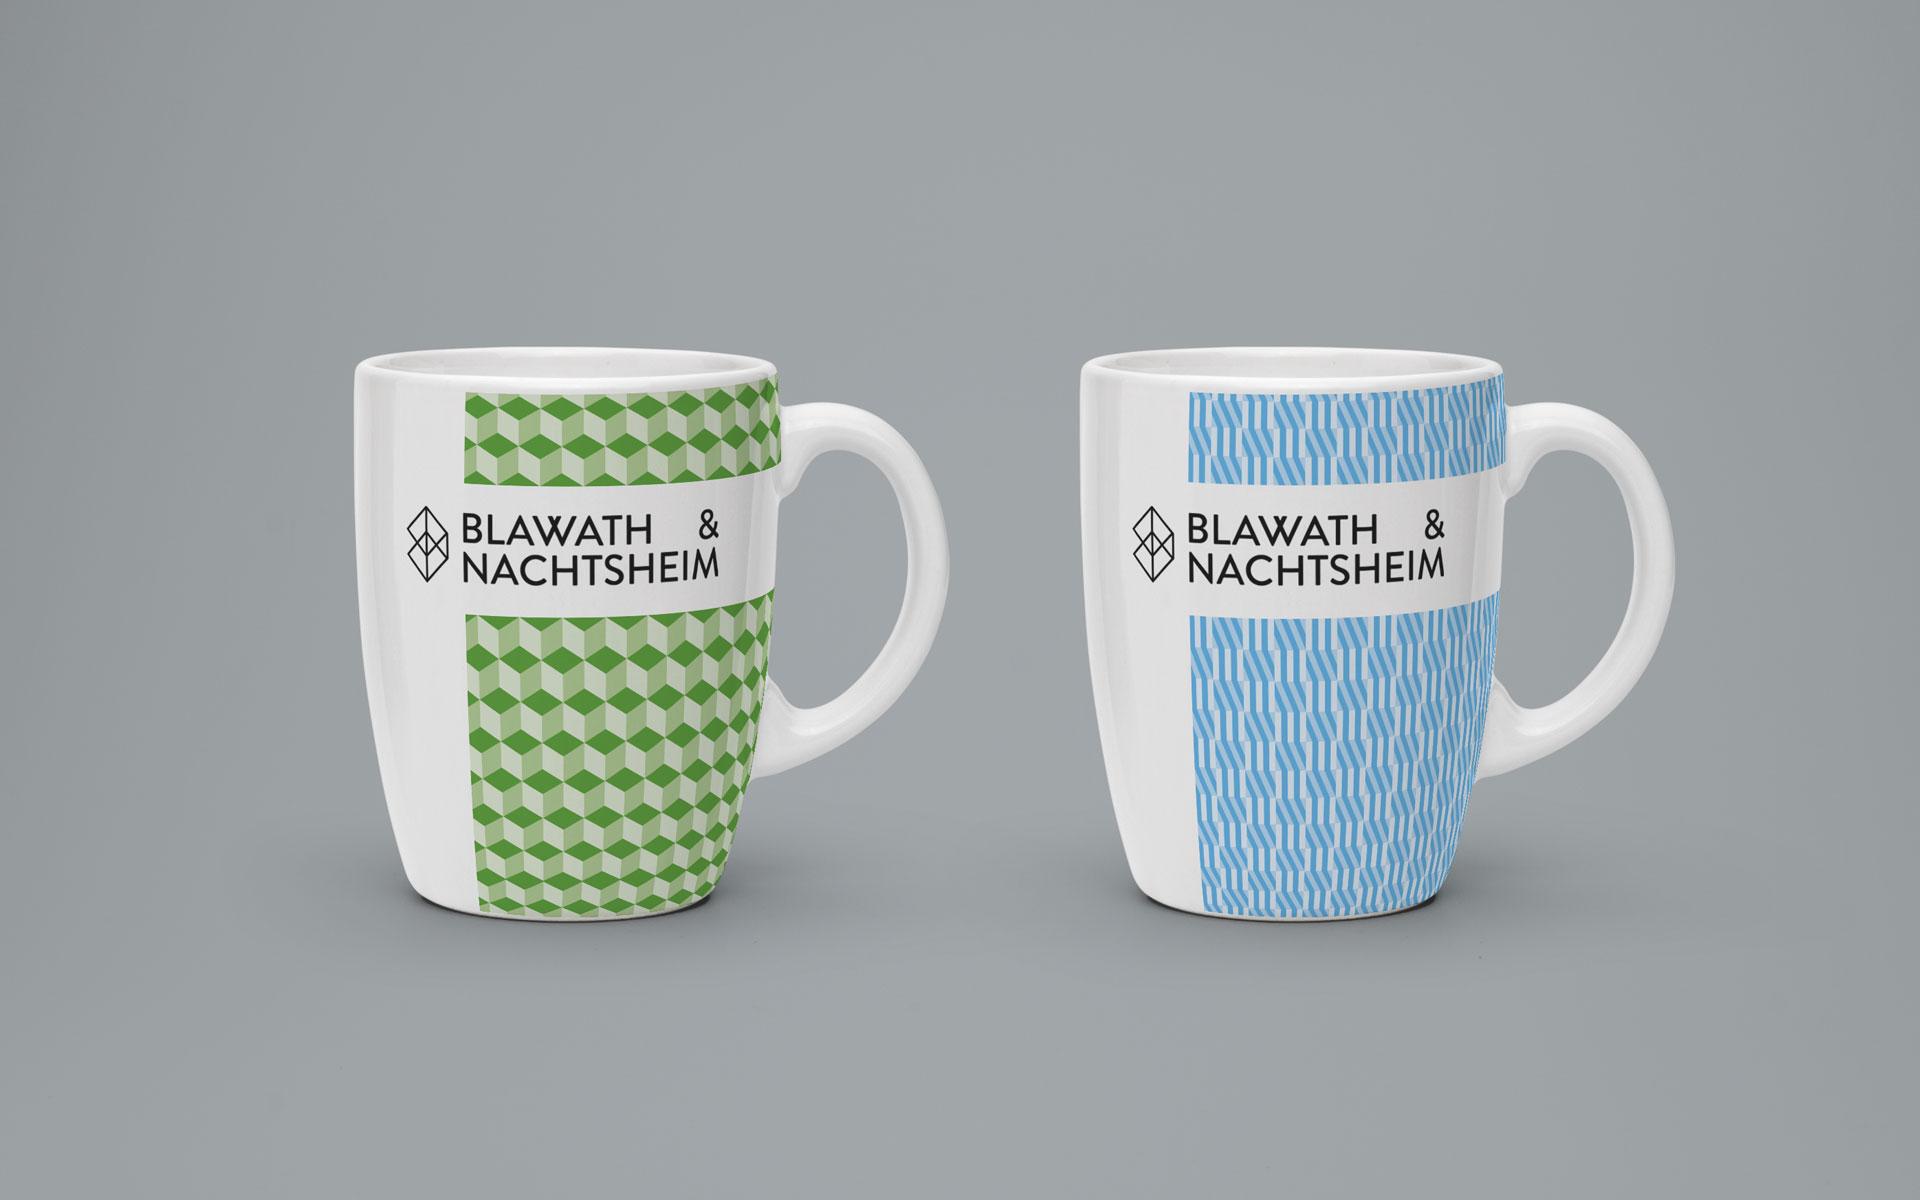 Blawath & Nachtsheim Corporate Design, Branding von Tassen